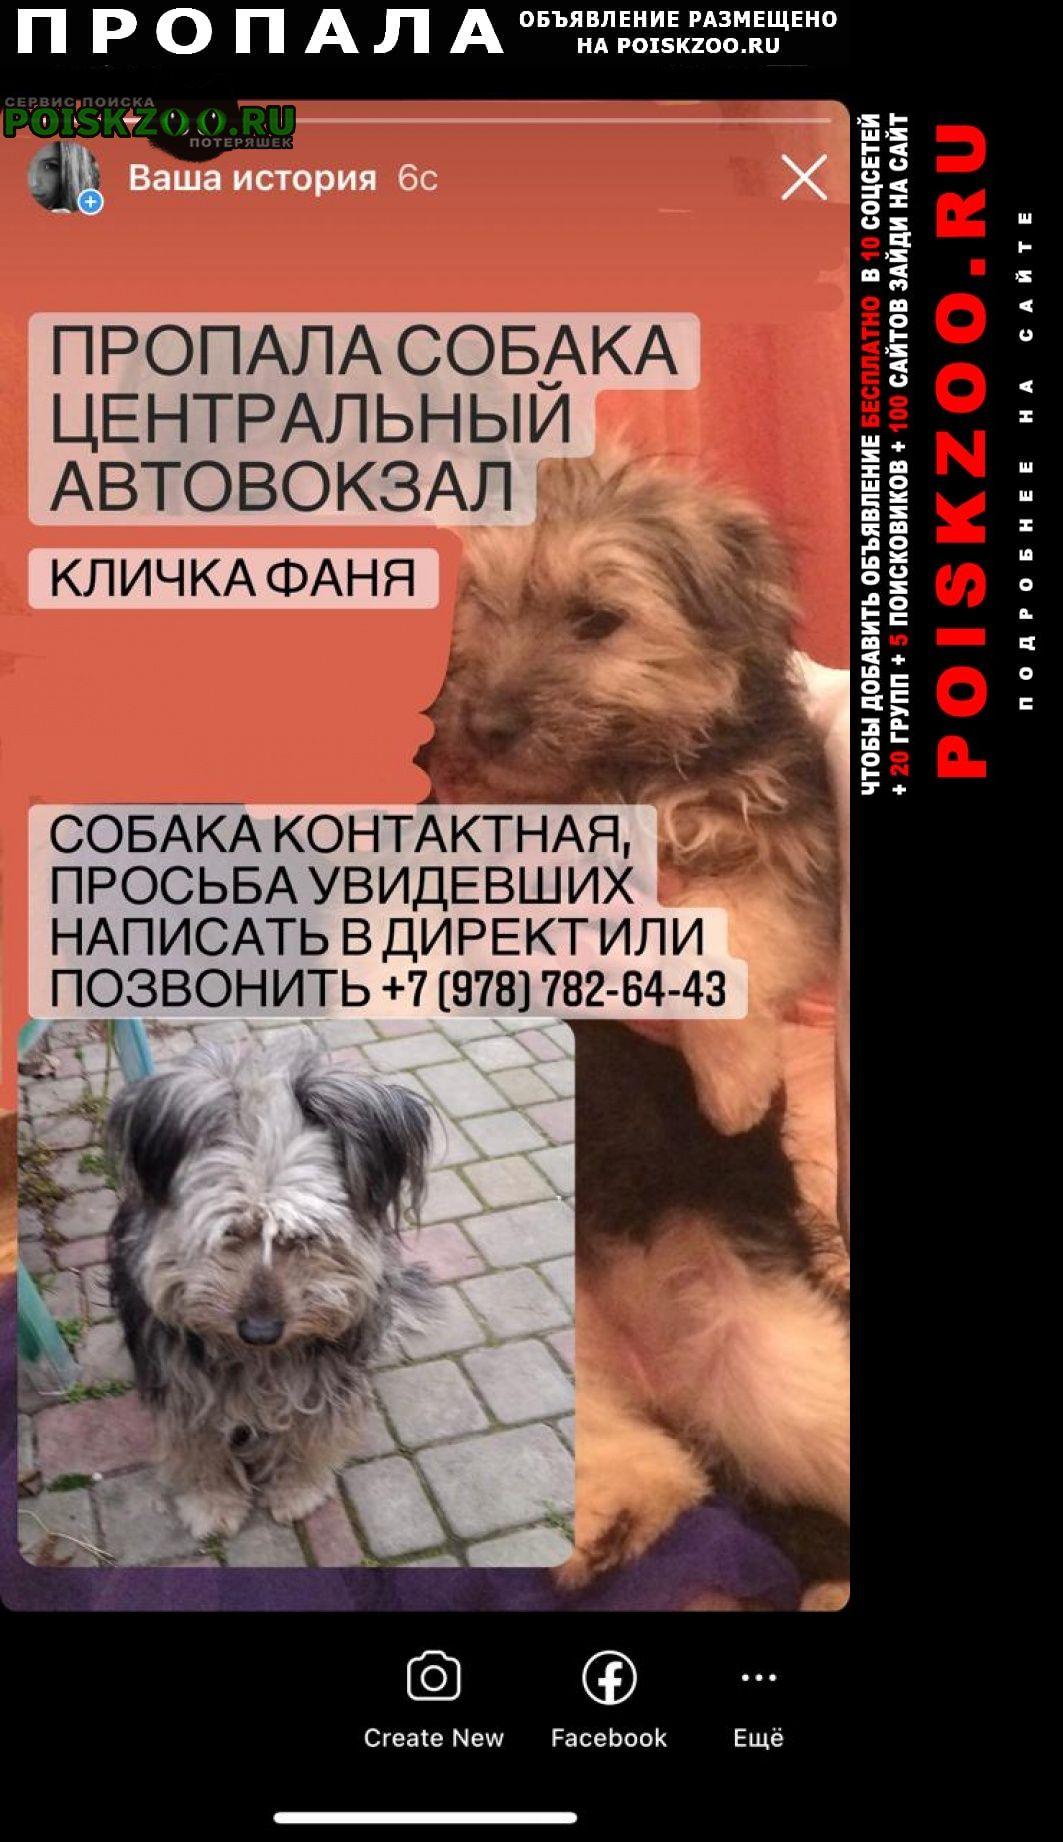 Пропала собака район автовокзала Симферополь